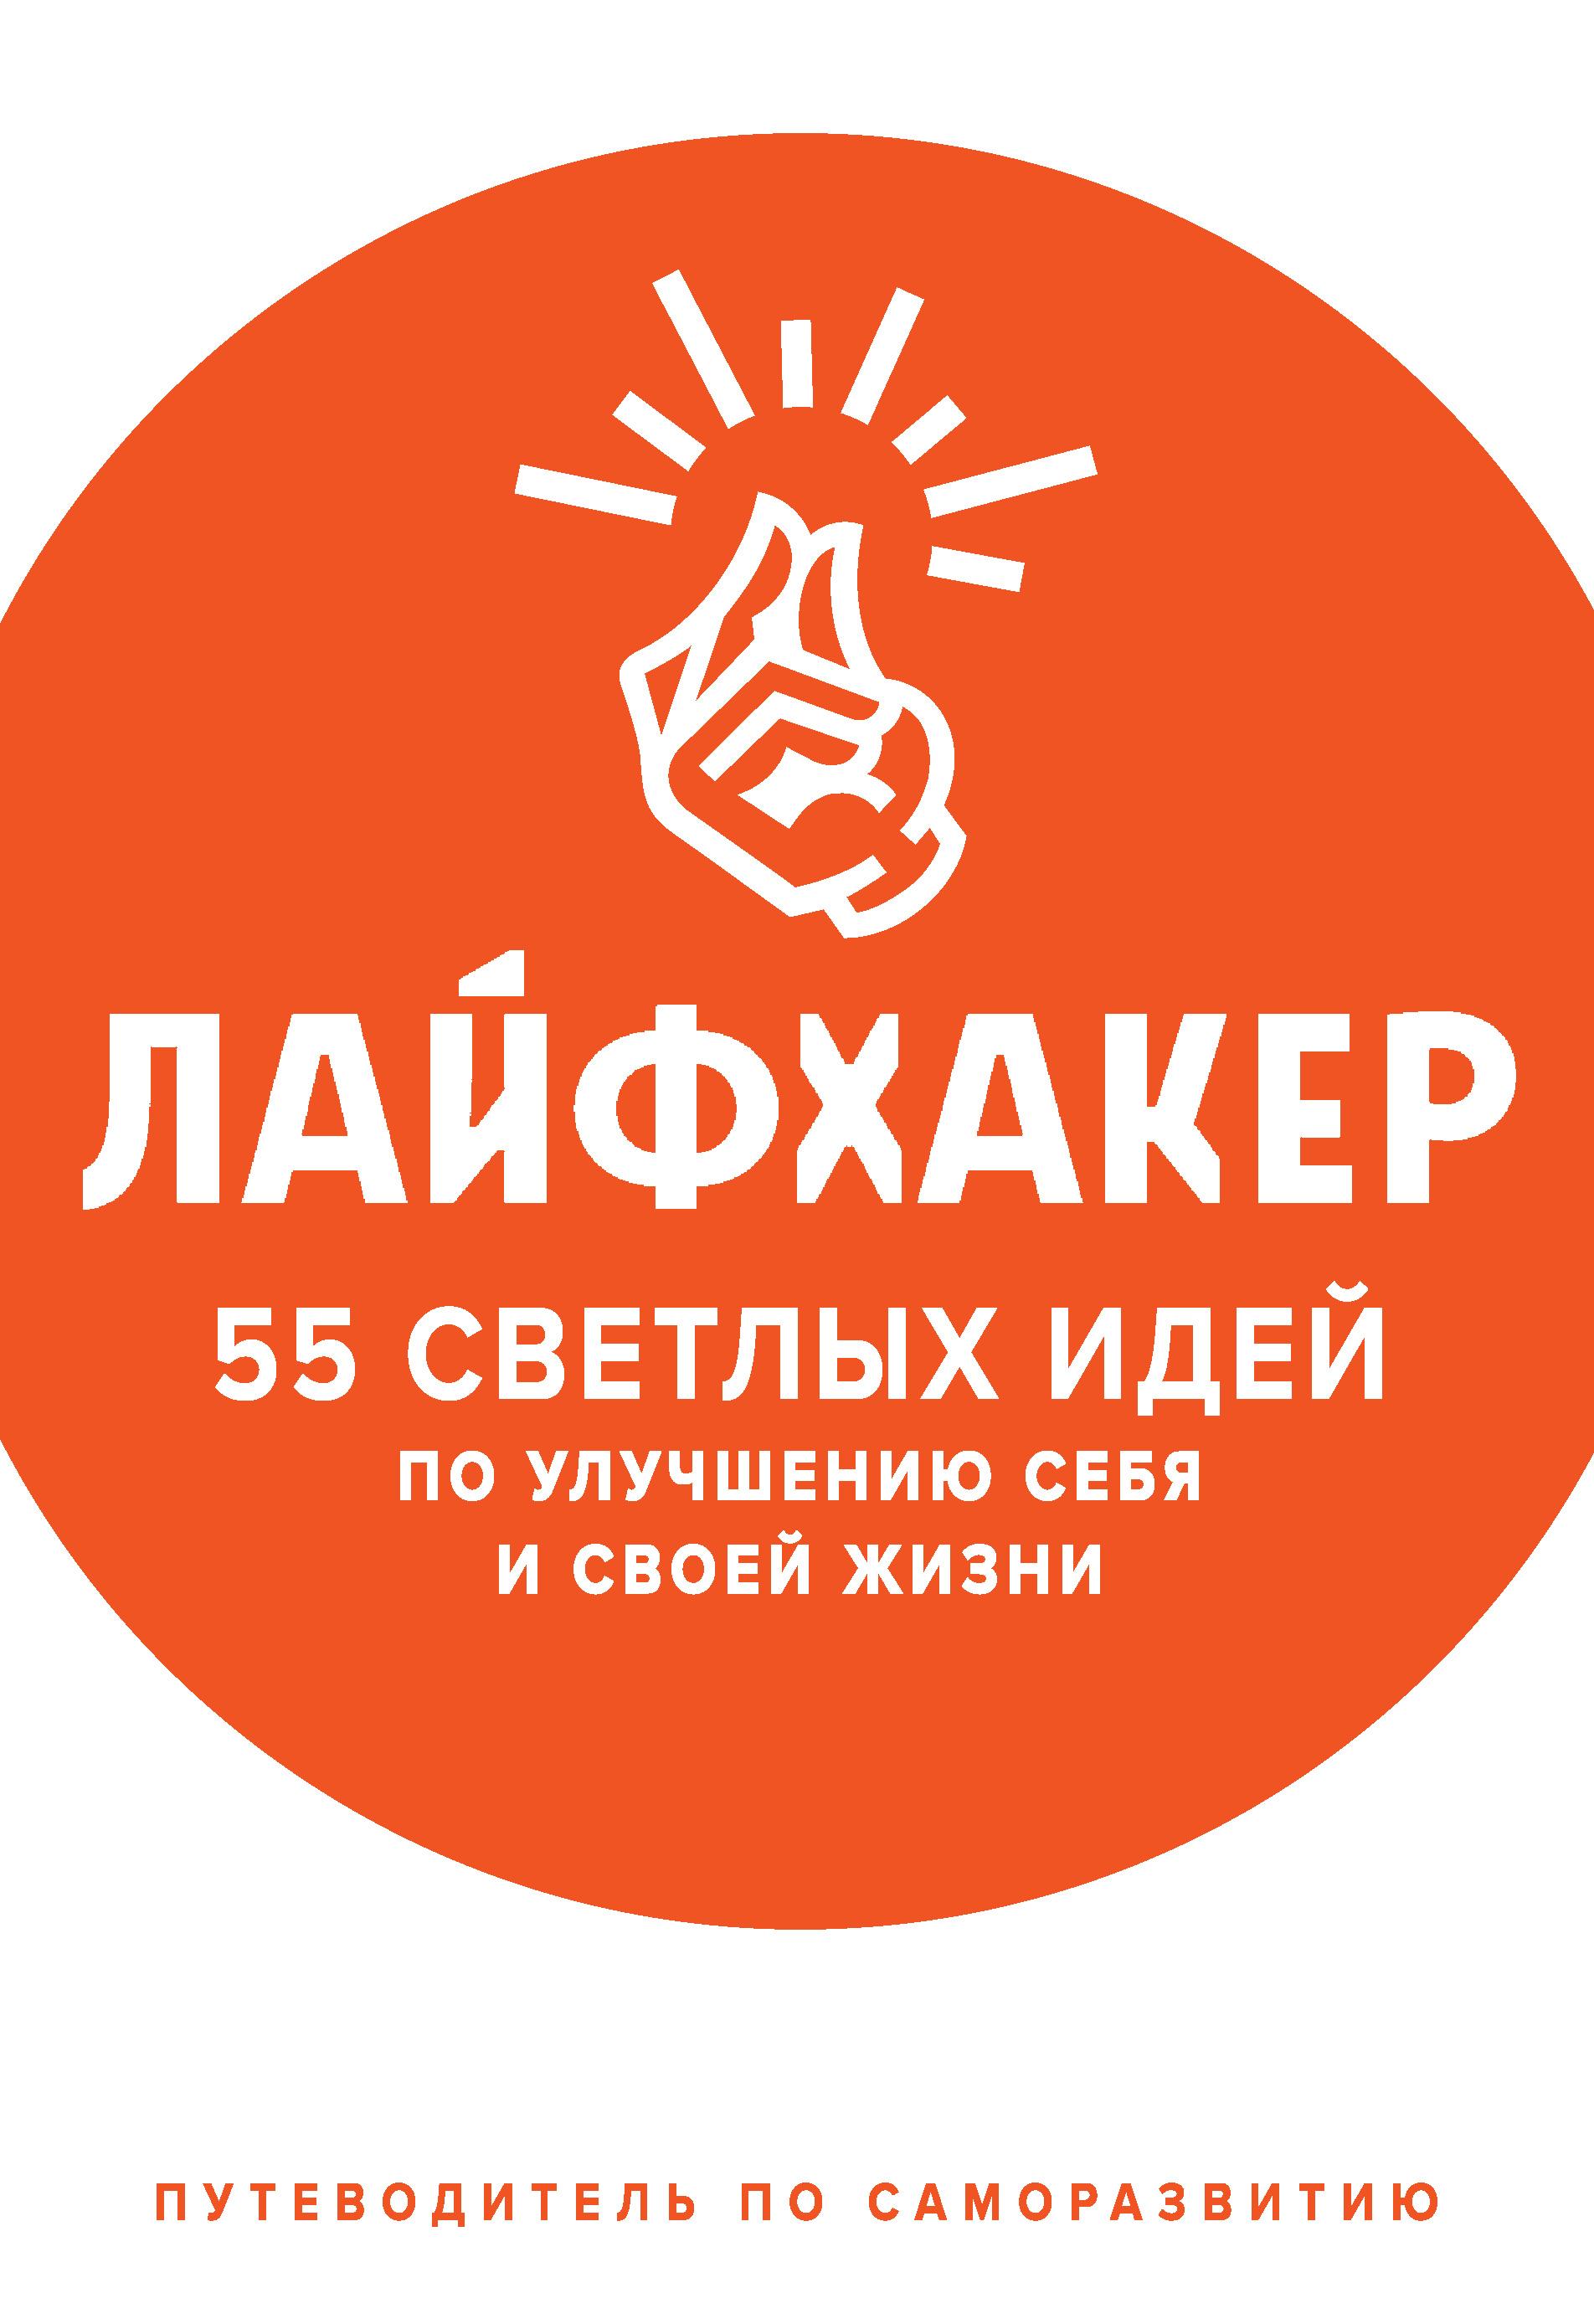 Лайфхакер - Лайфхакер. 55 светлых идей по улучшению себя и своей жизни. Путеводитель по саморазвитию